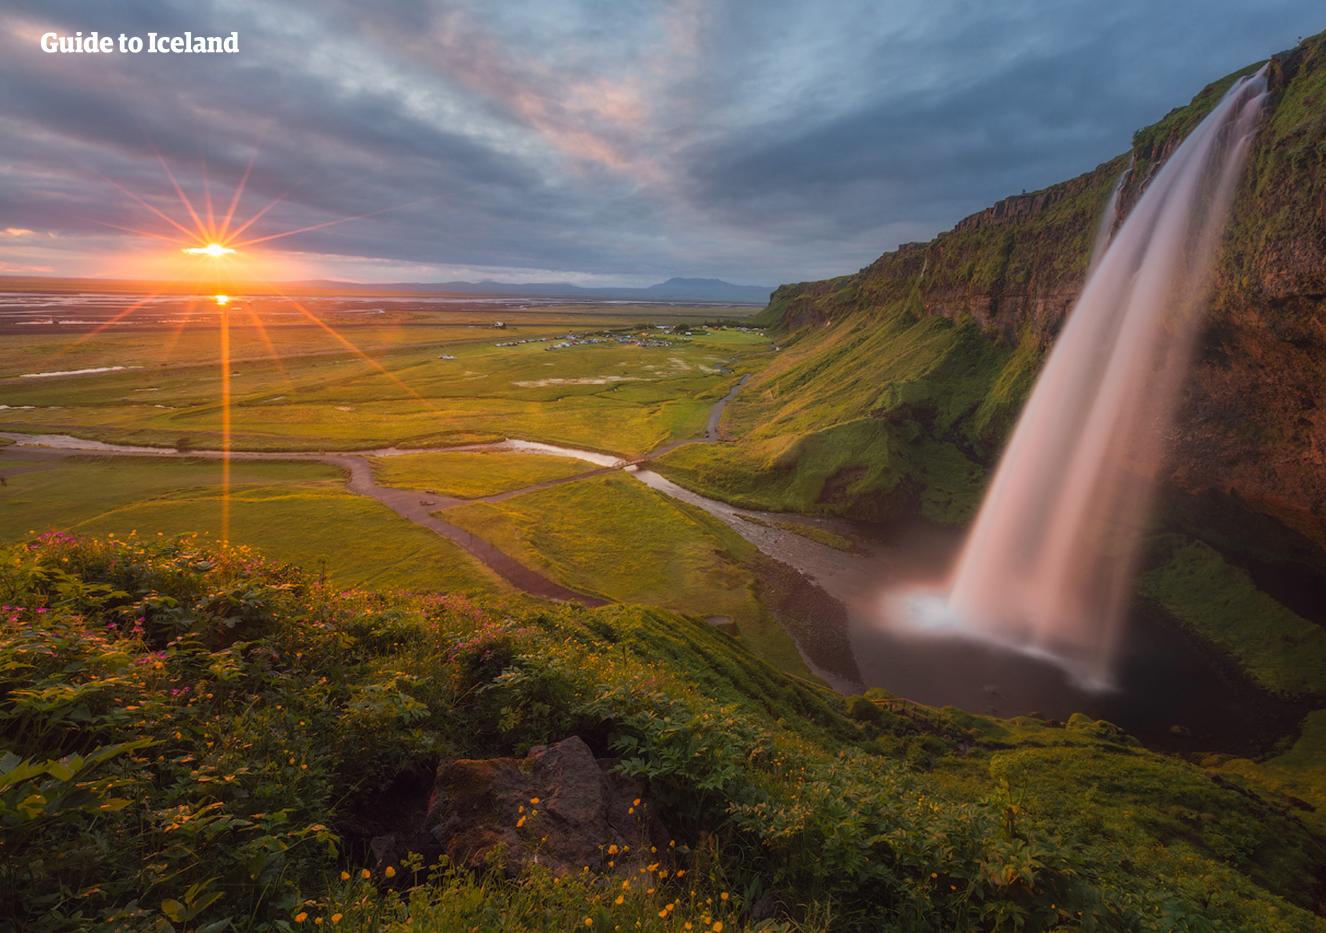 Seljalandsfoss faller fra en høyde på 60 m over en konkav klippe som tidligere markerte kanten av Islands sørlige kyst.